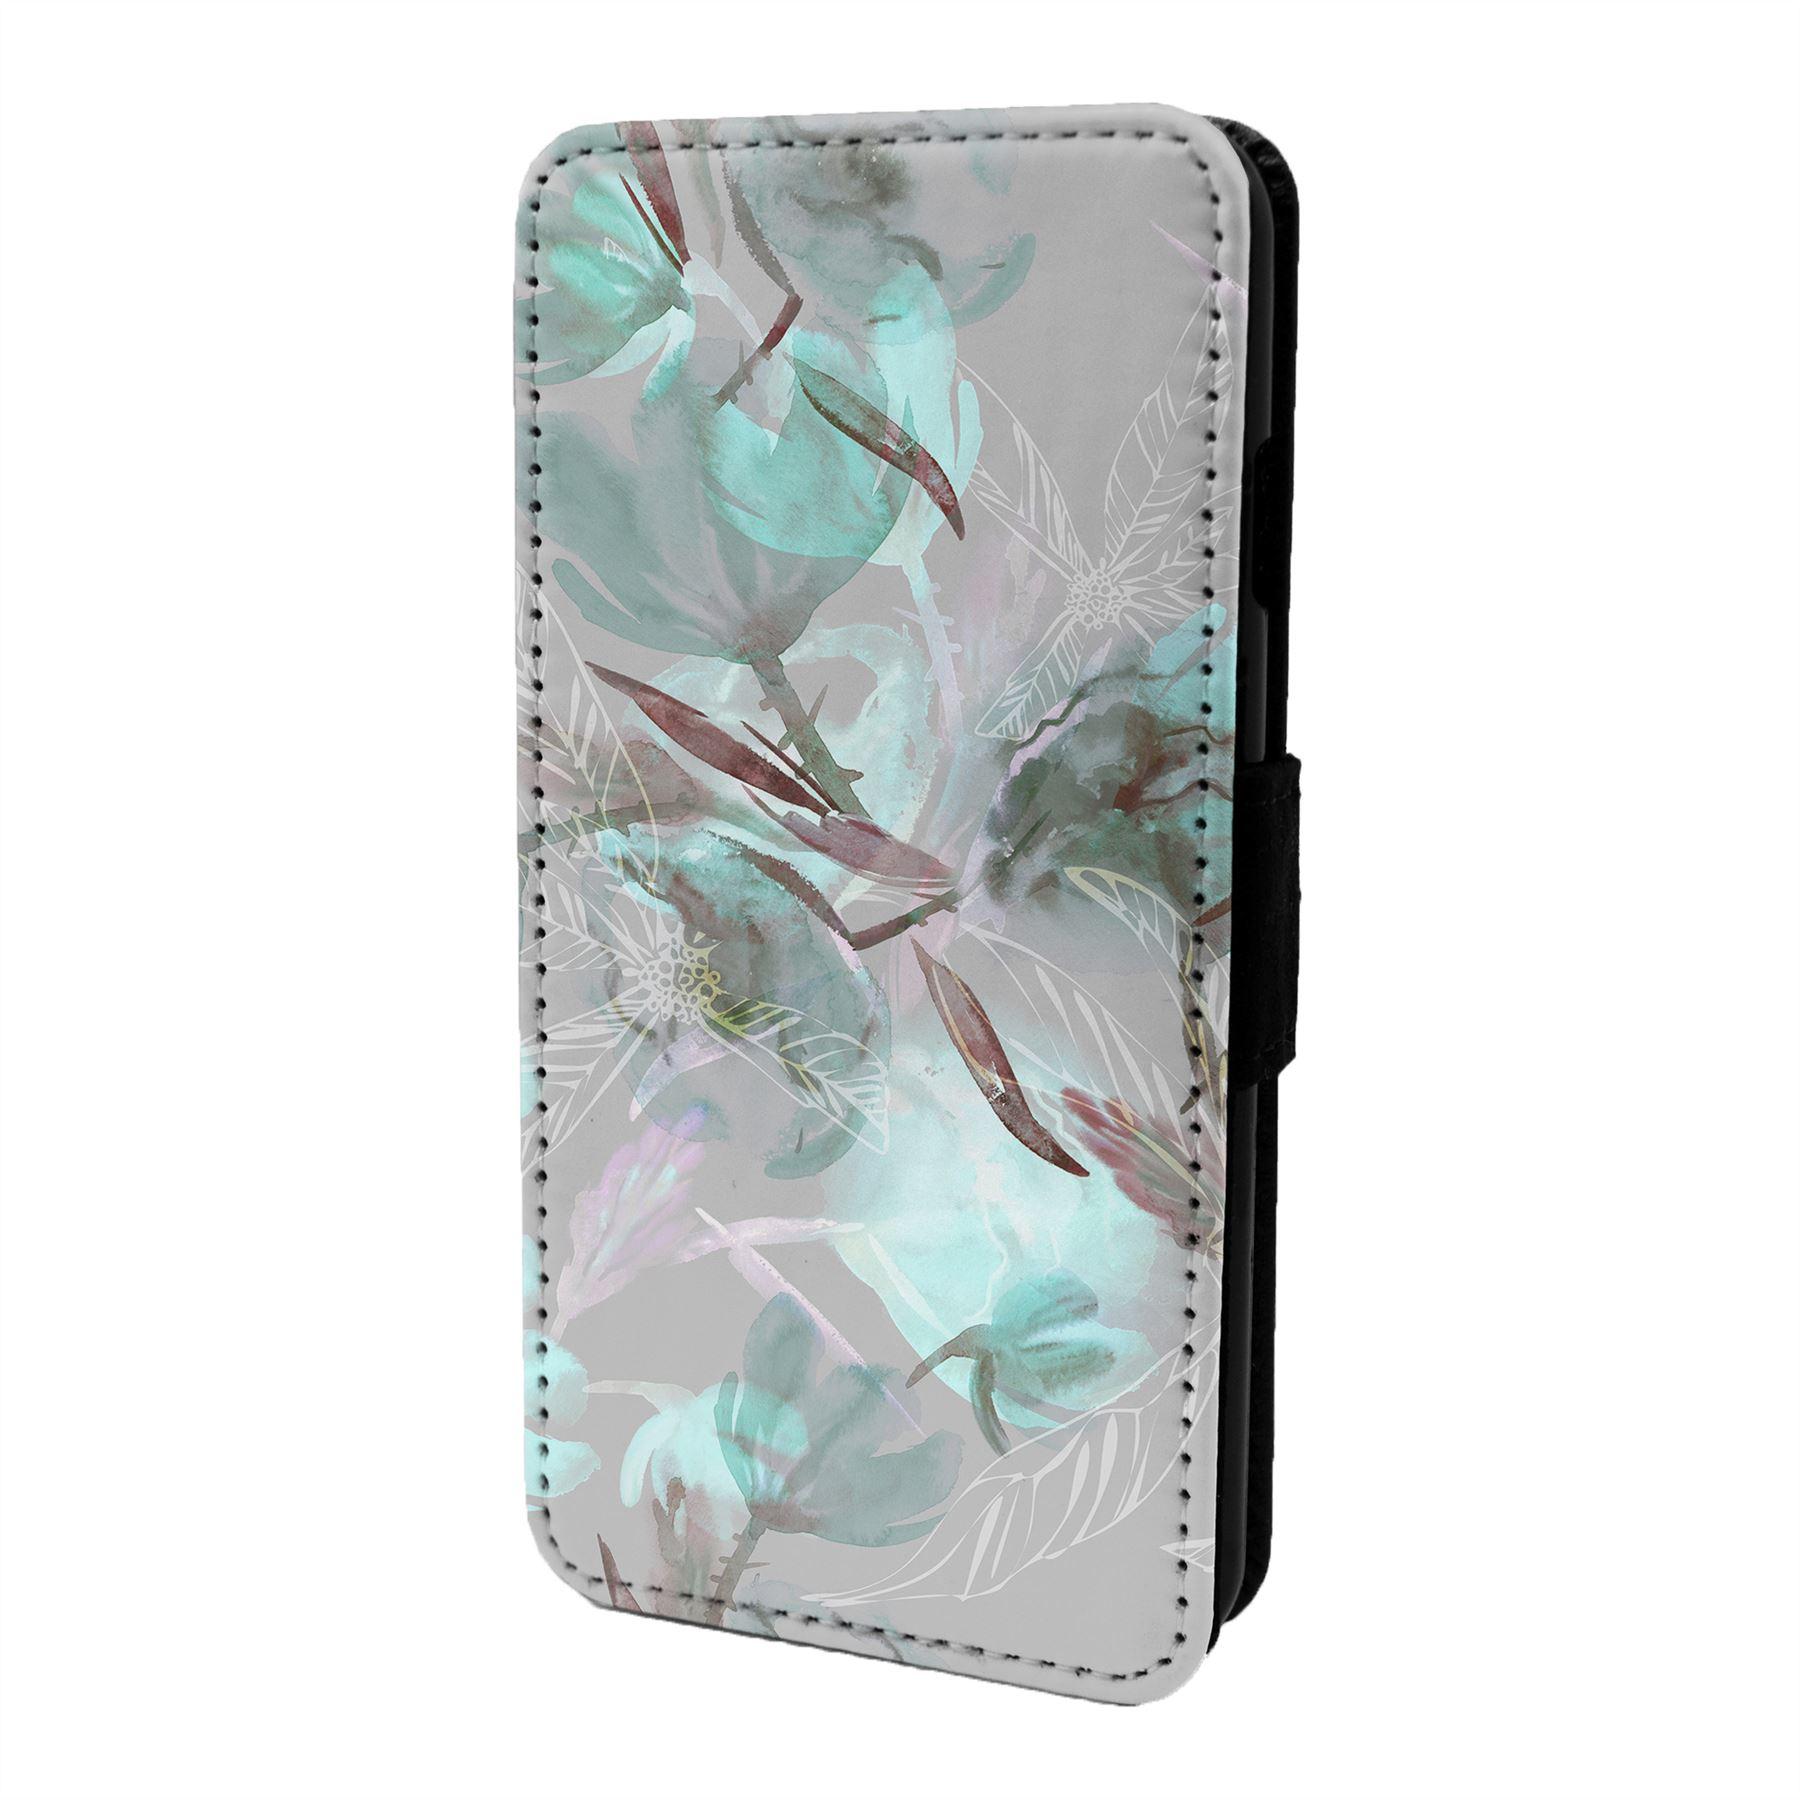 Floral-Flor-Estampa-Funda-Libro-para-Telefono-Movil-S6712